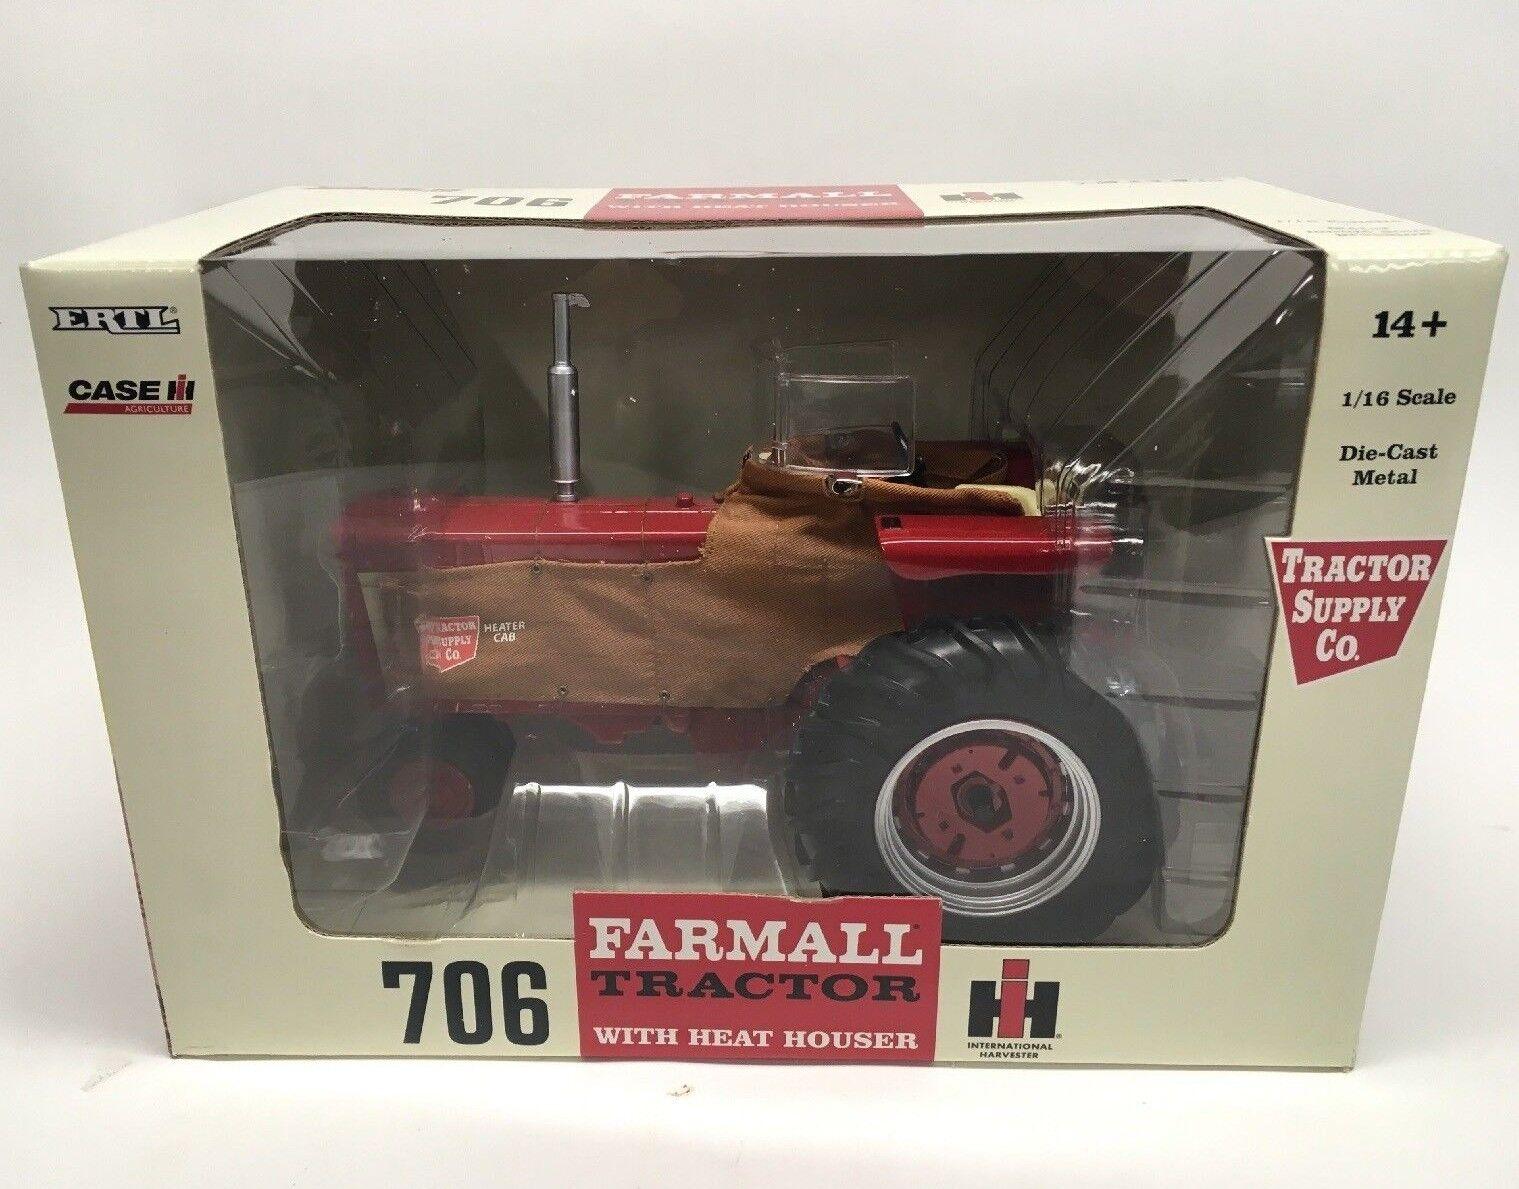 Ertl 1/16 Tractor Farmall 706 Tractor TSC Supply Co Edicion Coleccionista Nuevo en Caja Nuevo